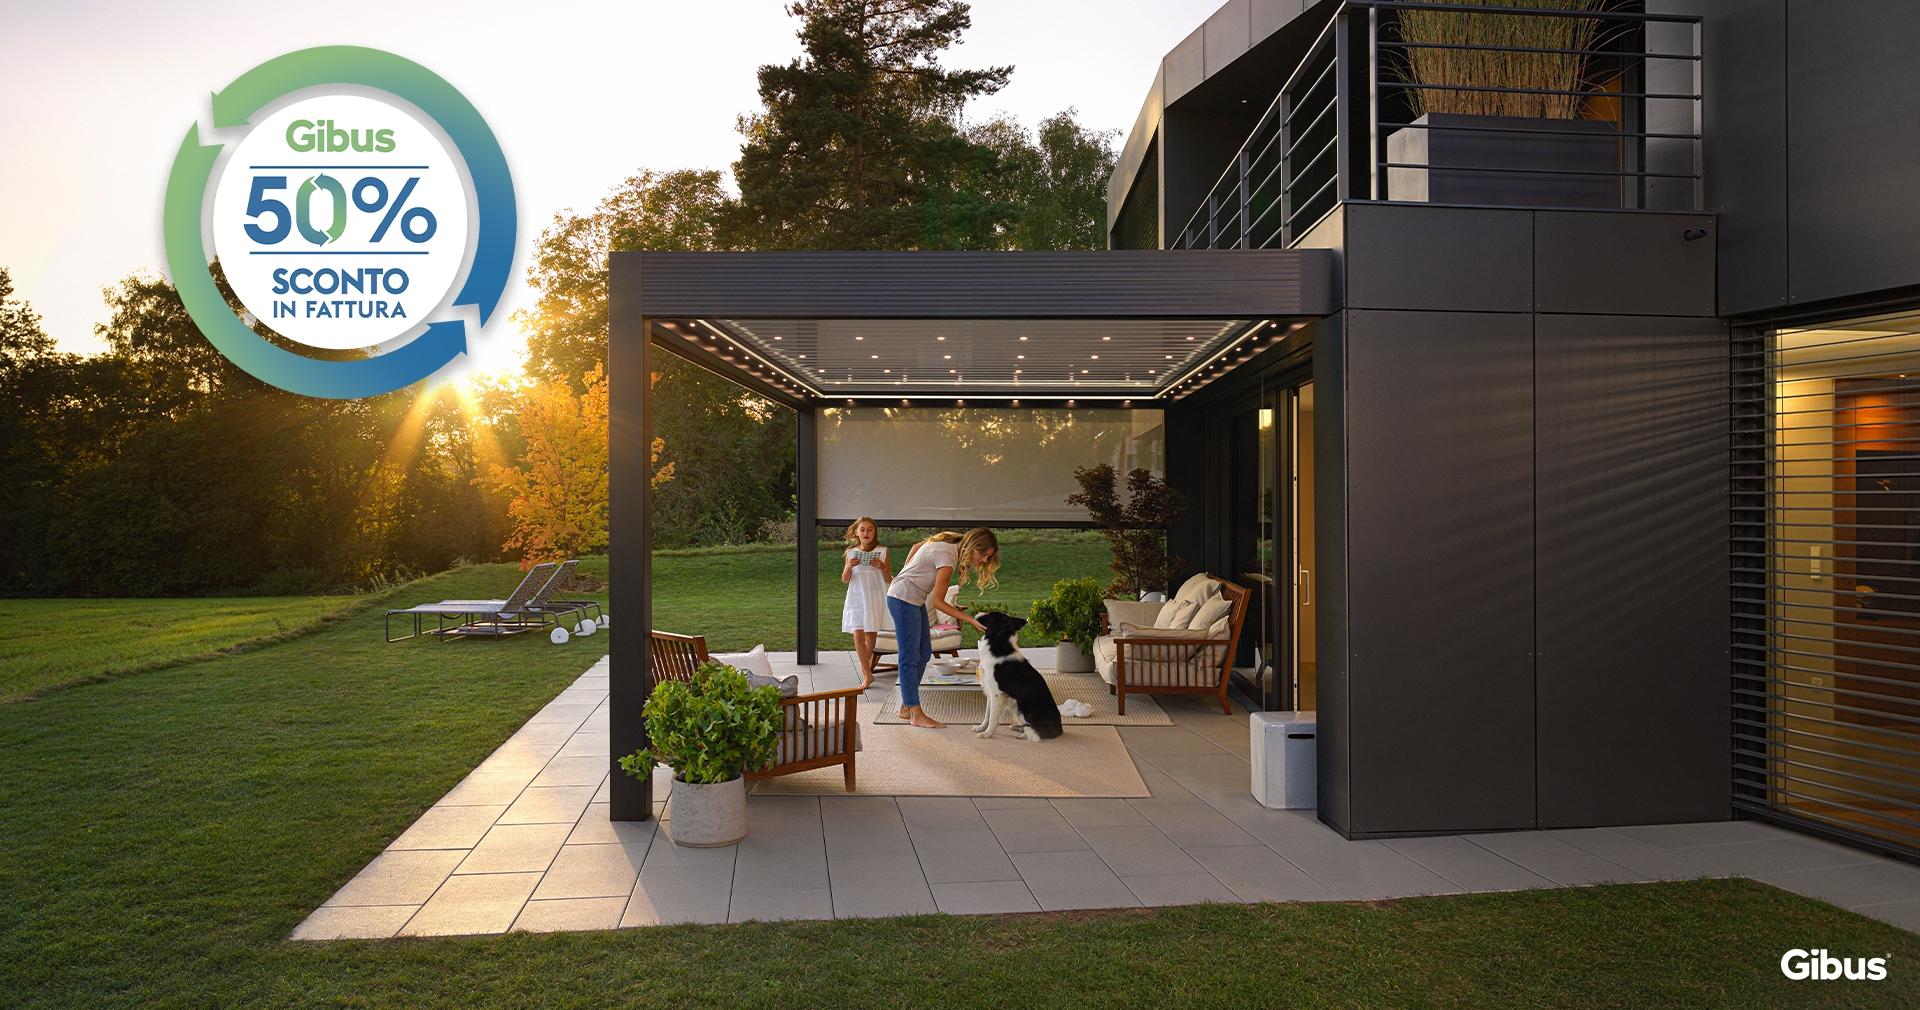 Pergola Gibus per la protezione solare